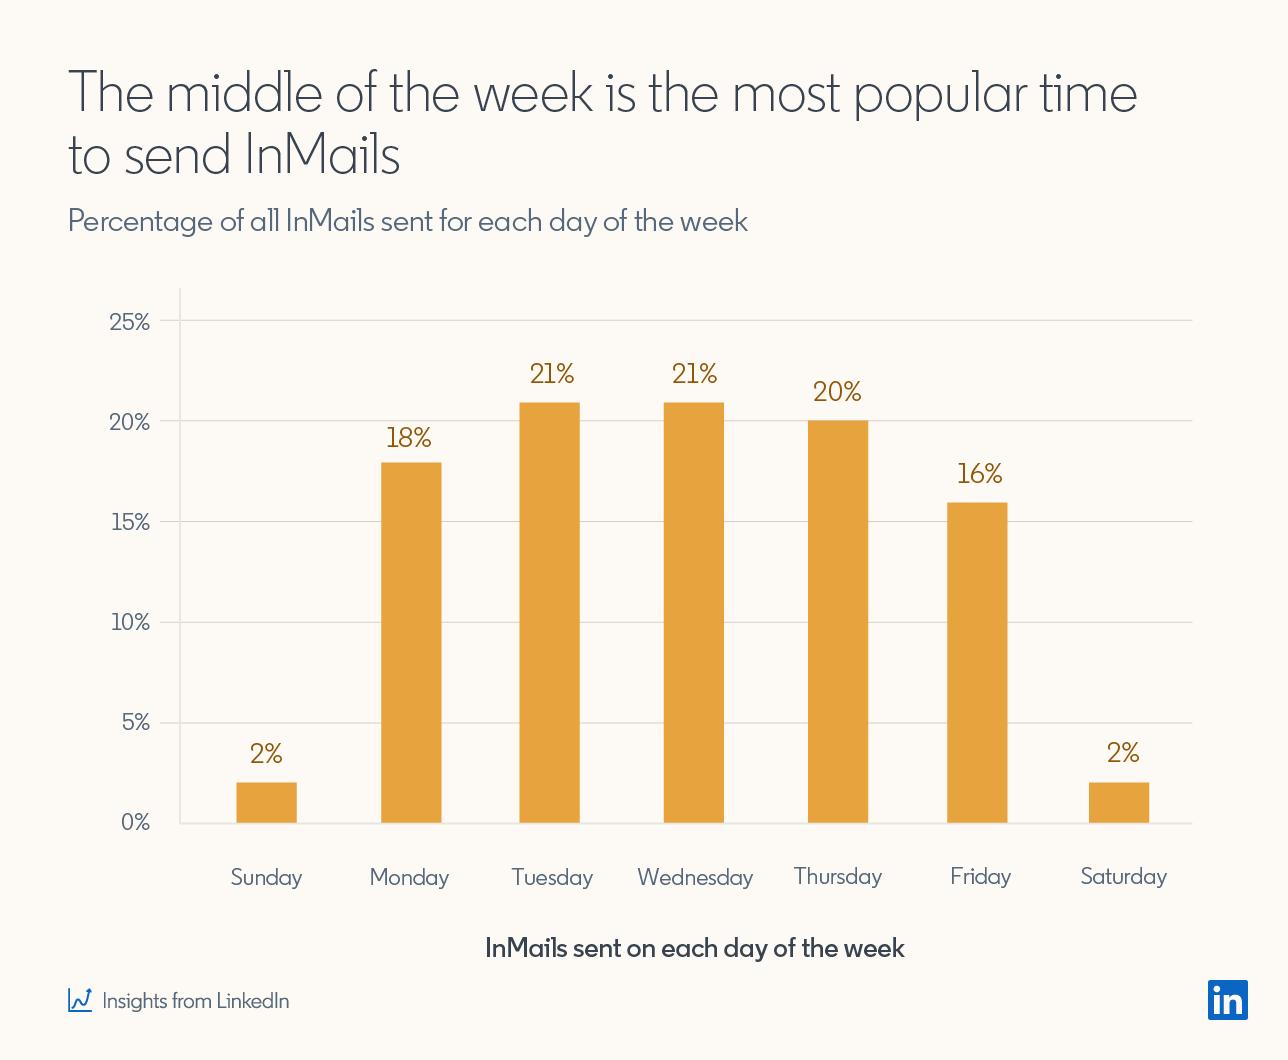 Середина недели - наиболее популярное время для отправки входящих сообщений. Процент всех входящих сообщений, отправленных за каждый день недели. Воскресенье: 2%, понедельник: 18%, вторник: 21%. Среда: 21%. Четверг: 20%. Пятница: 16%. 2% * Статистика LinkedIn